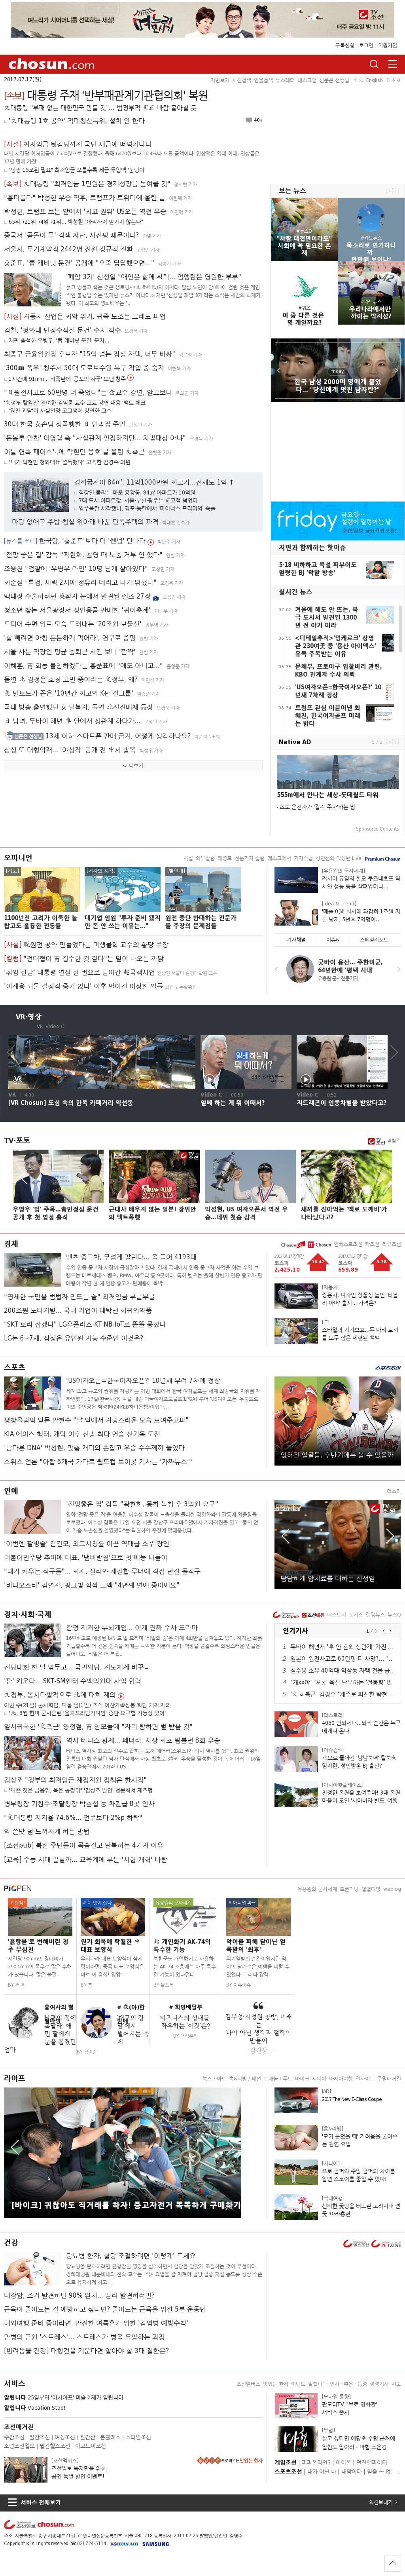 chosun.com at Monday July 17, 2017, 7:03 a.m. UTC